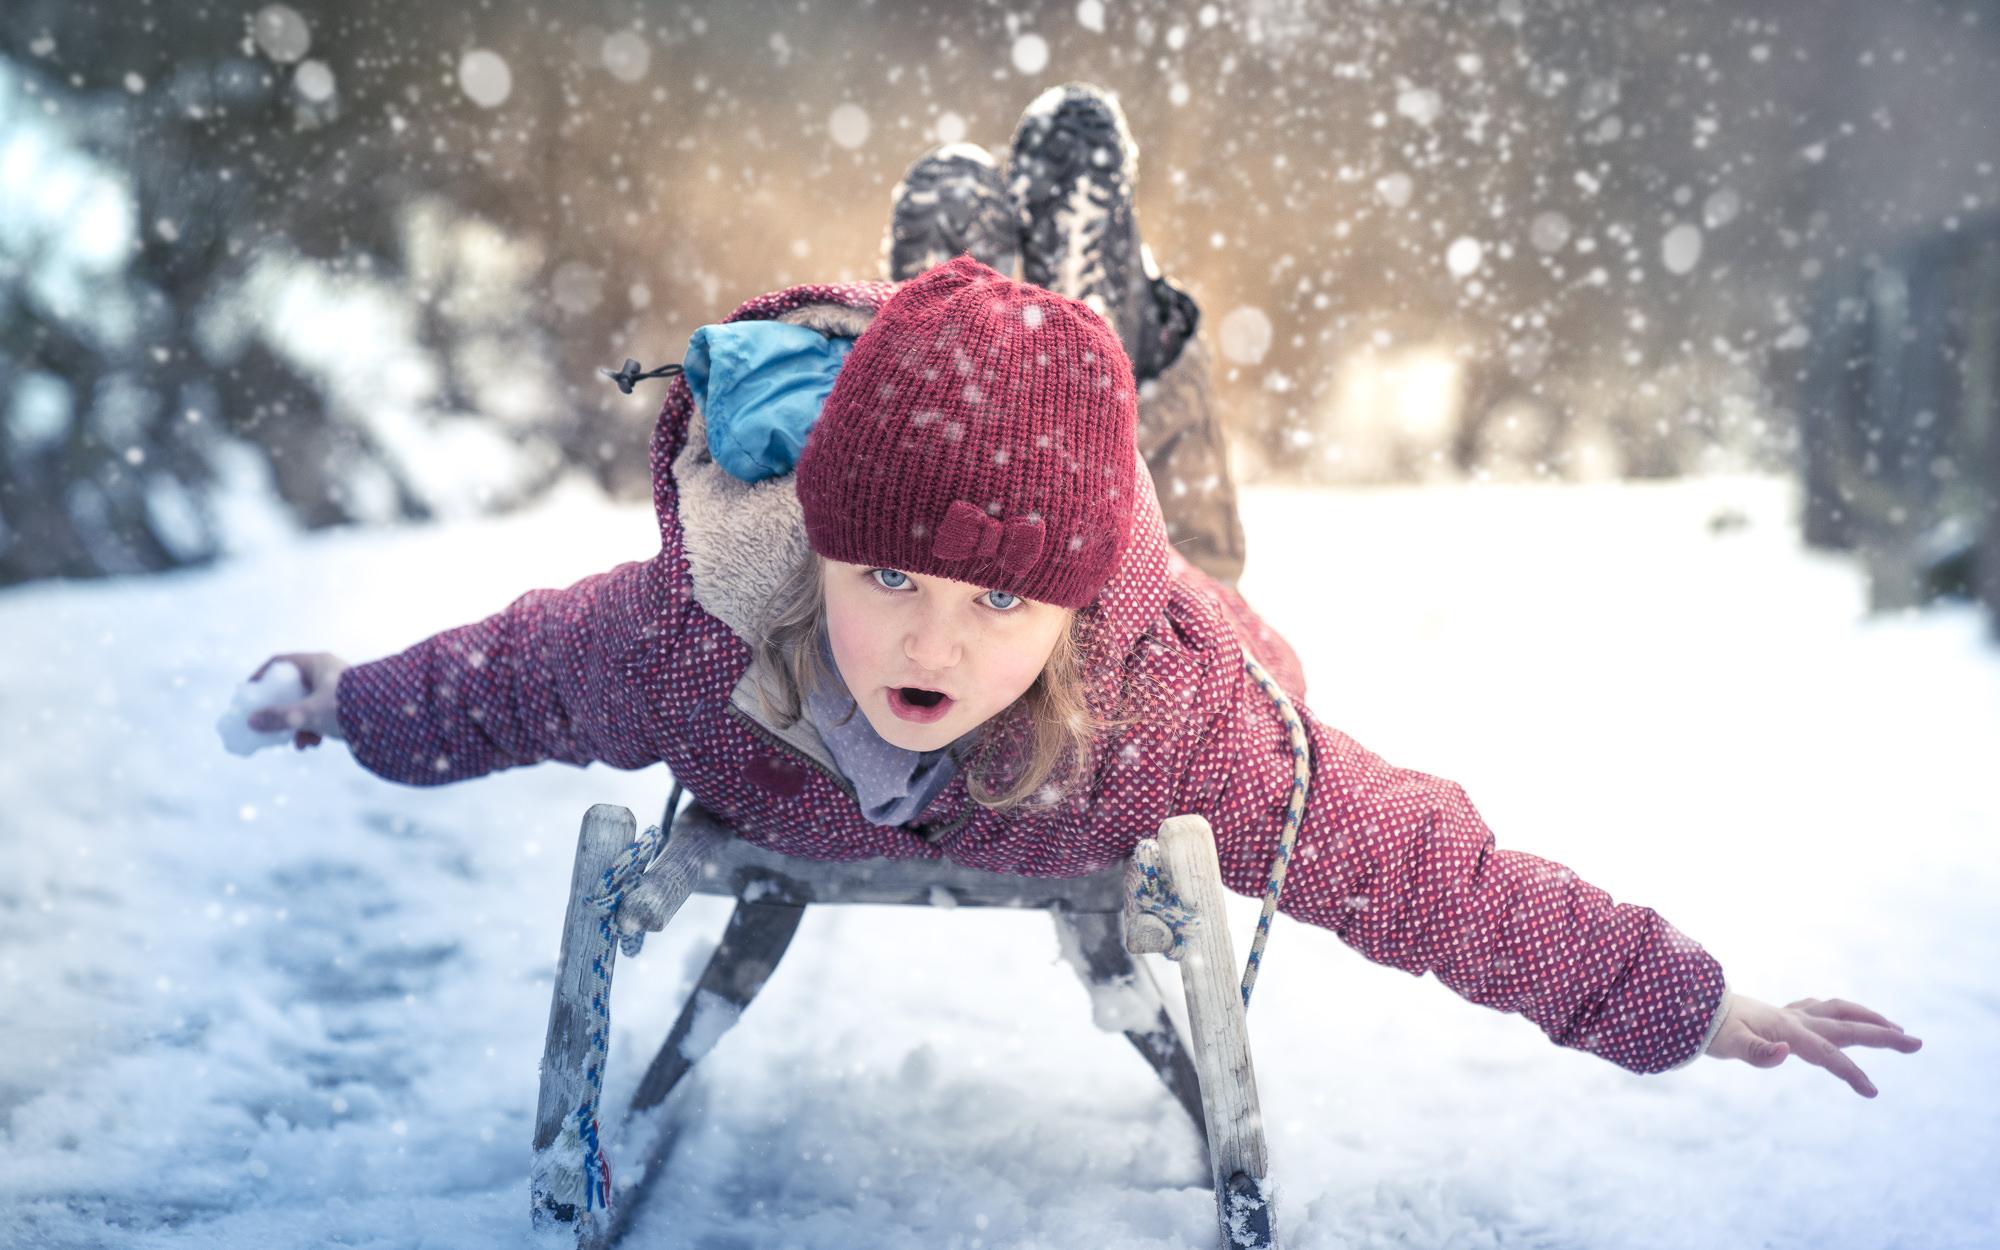 Urlaub im Winter. Detlev Christian Schmidt ist Fotograf für Anbieter im Tourismus